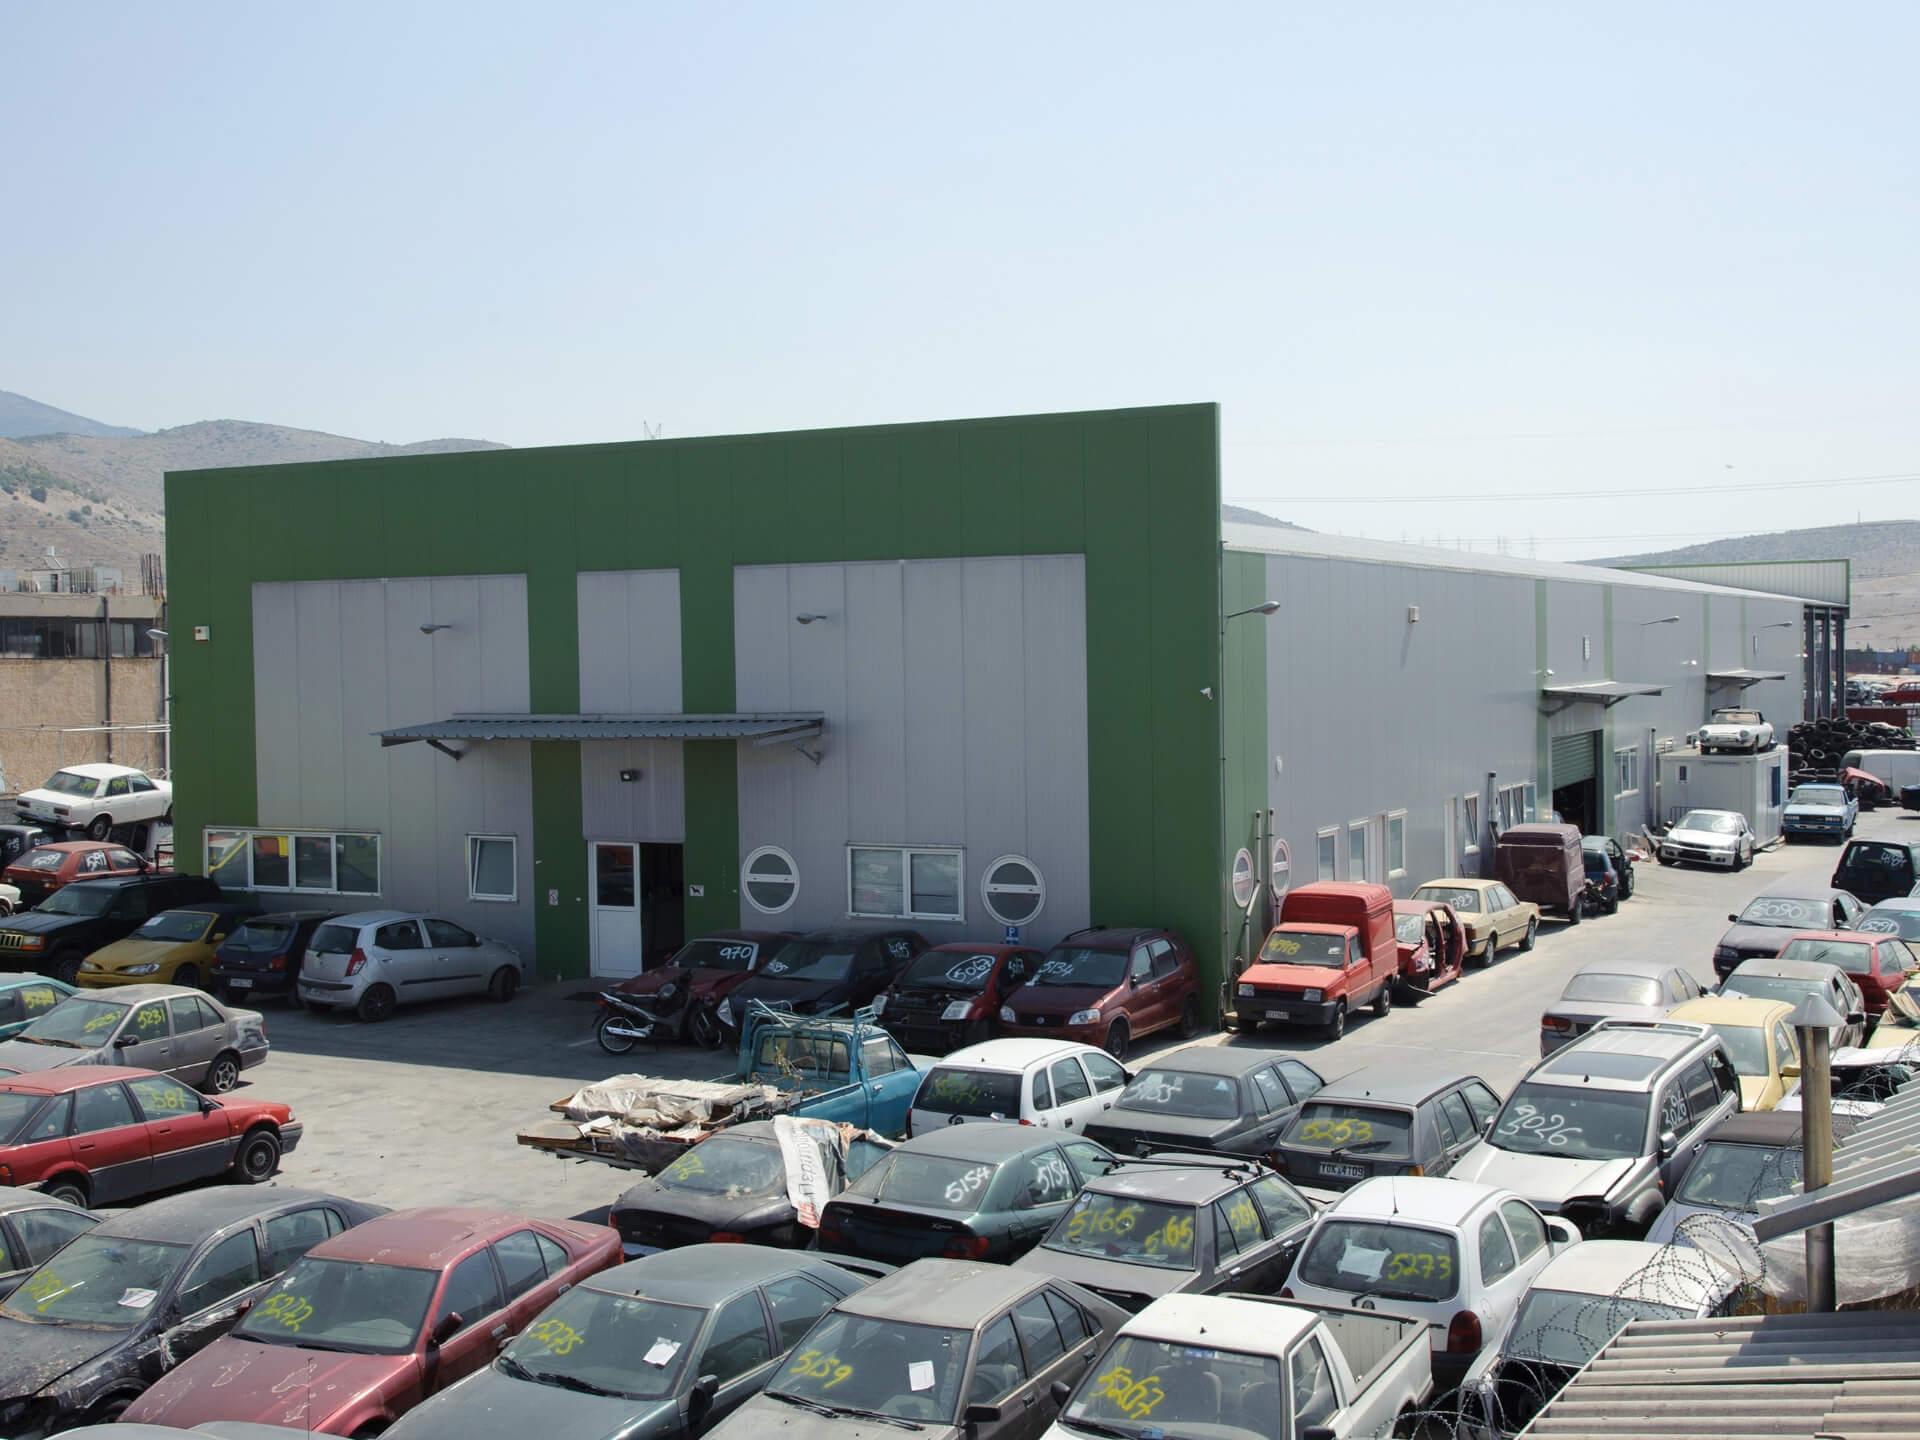 ΚΟΑΝΟ Οικολογική ανακύκλωση Οχημάτων και Ανταλλακτικά